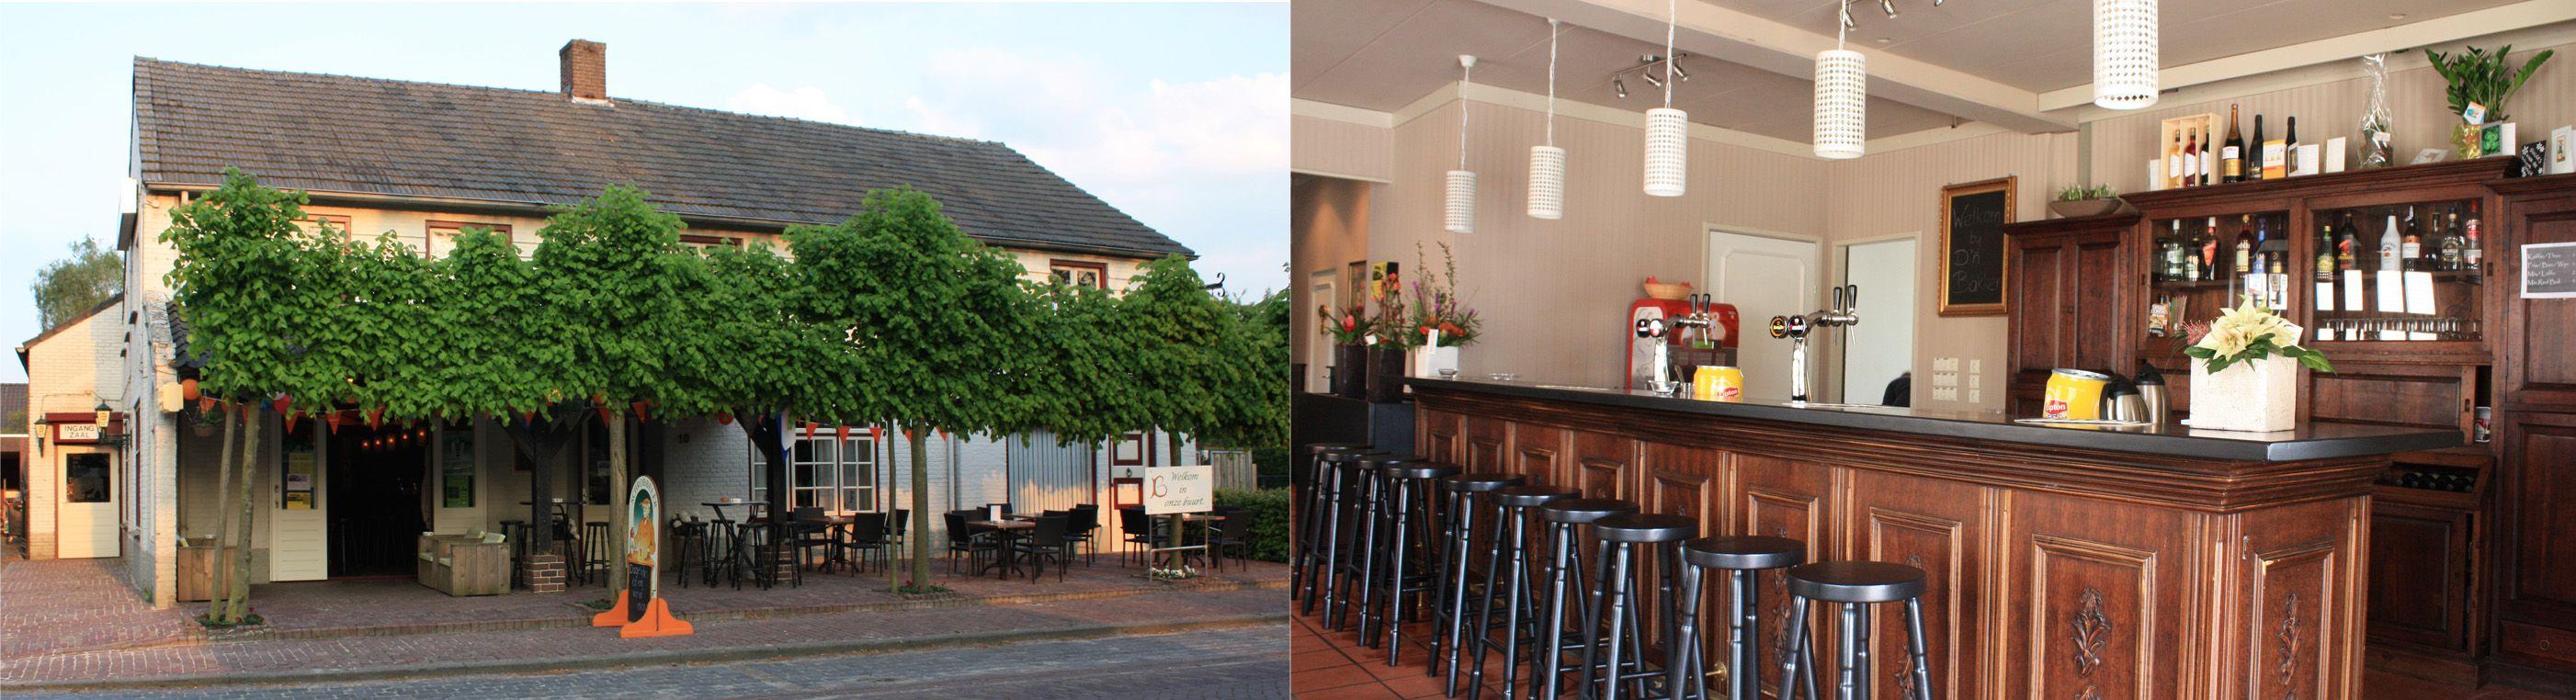 Cafe Zaal D'n Bakker